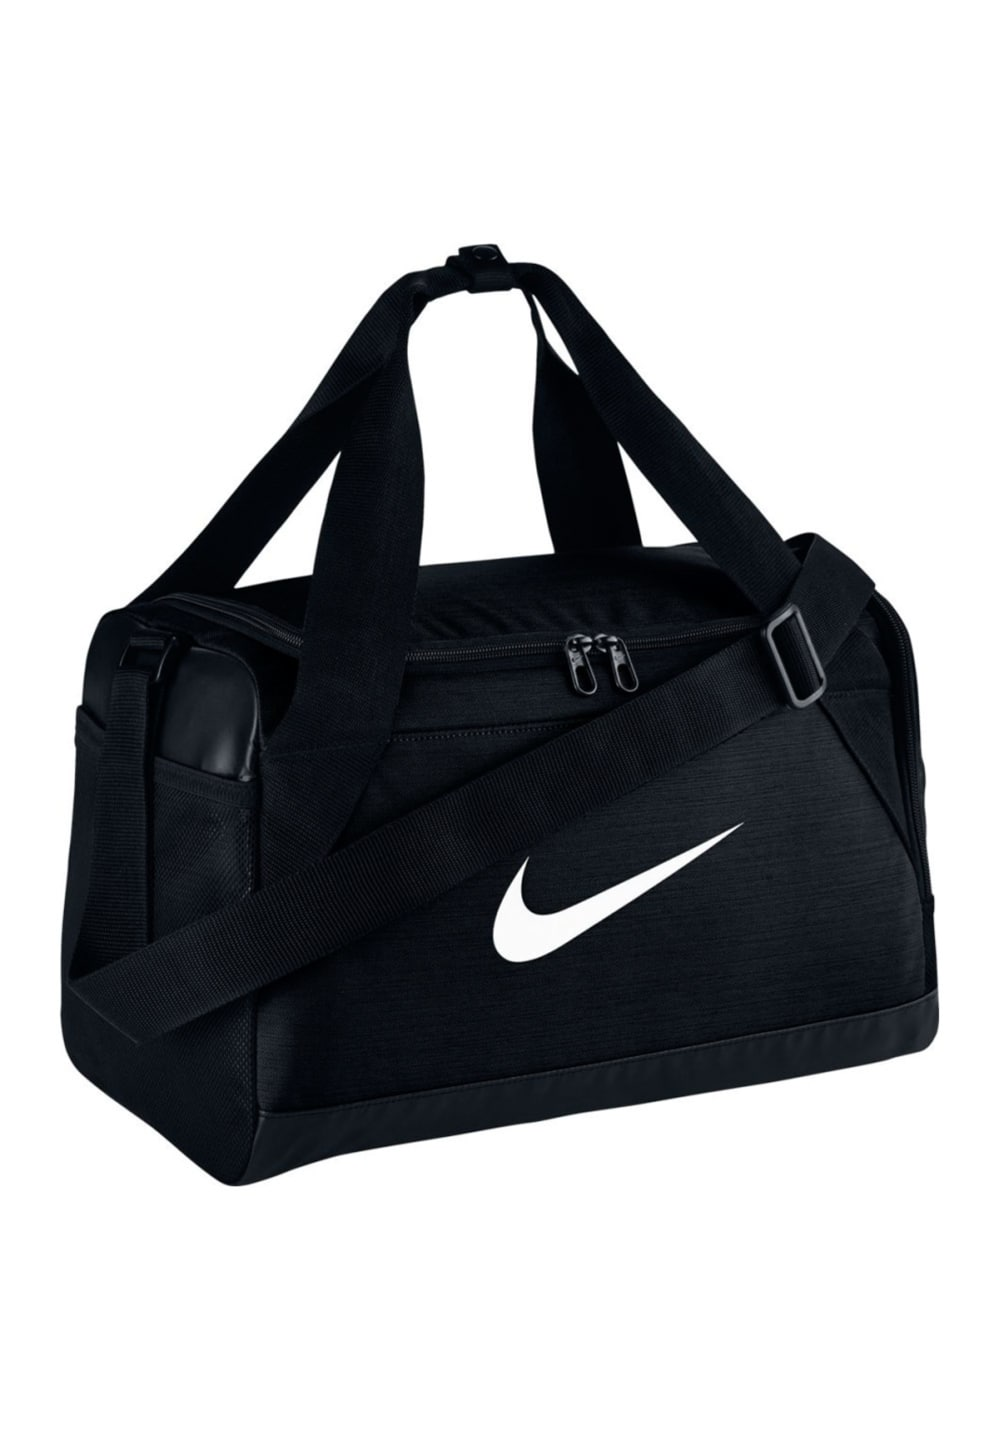 Sporttaschen für Frauen - Nike Brasilia Duffel Bag Extra Small Sporttaschen Schwarz  - Onlineshop 21Run